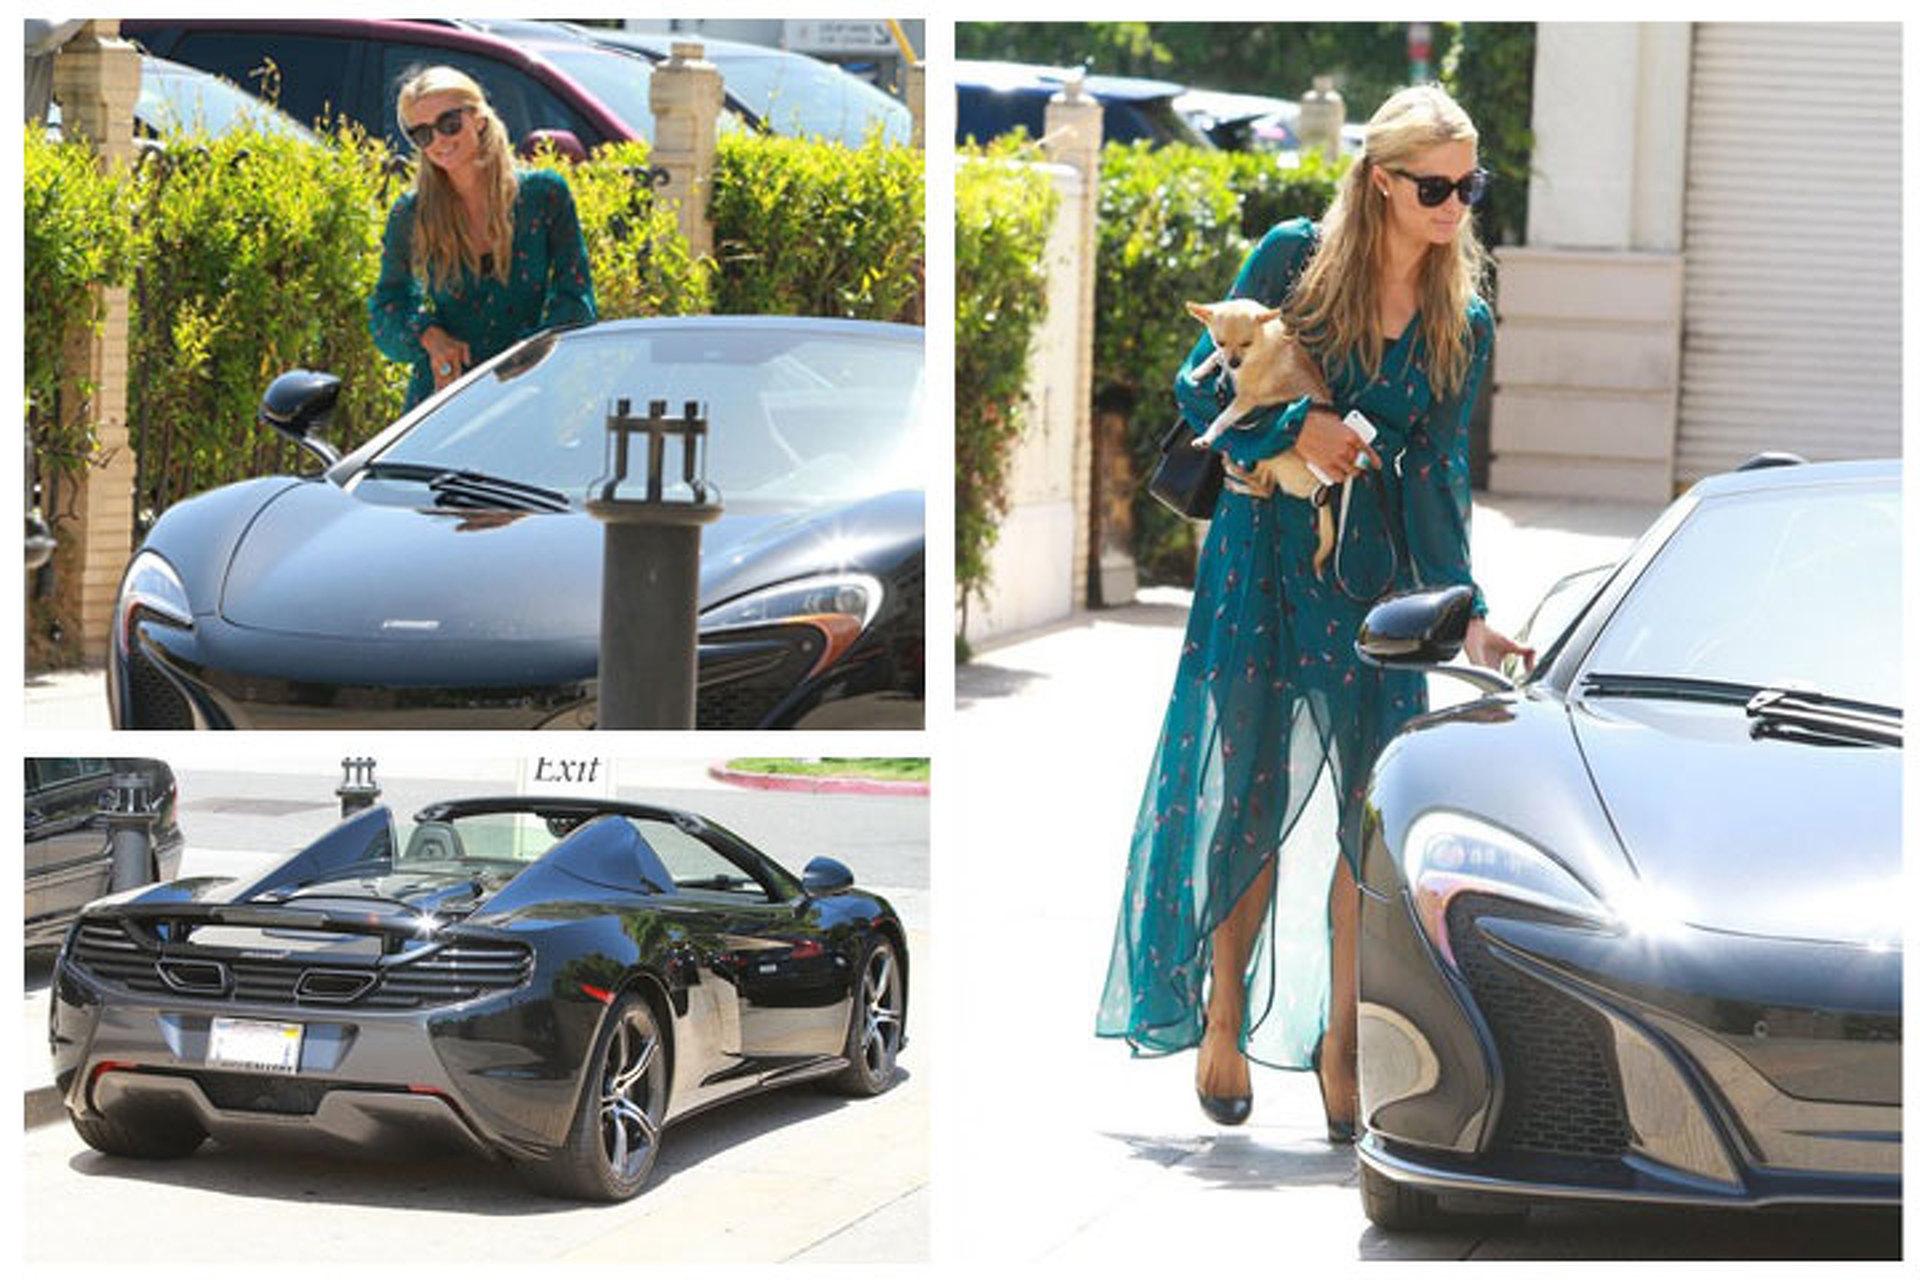 Paris Hilton Gets Sunshine in her McLaren 650S Spider